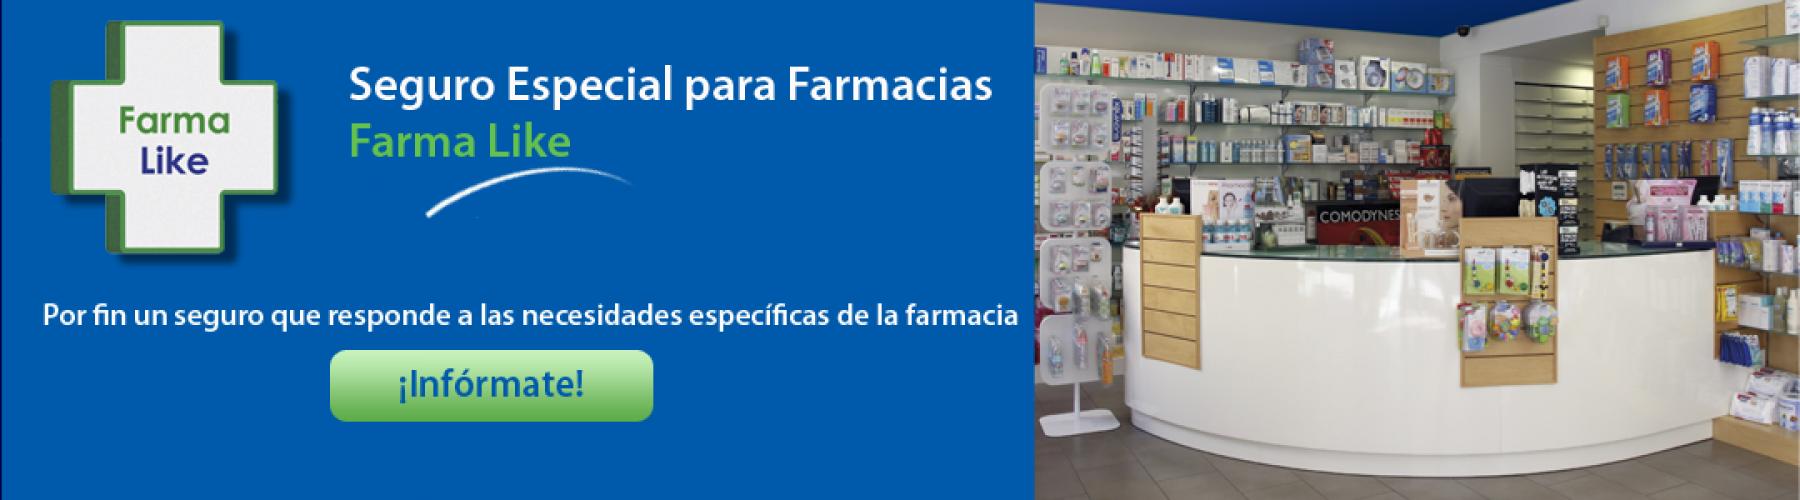 Seguro para farmacias Farma Like